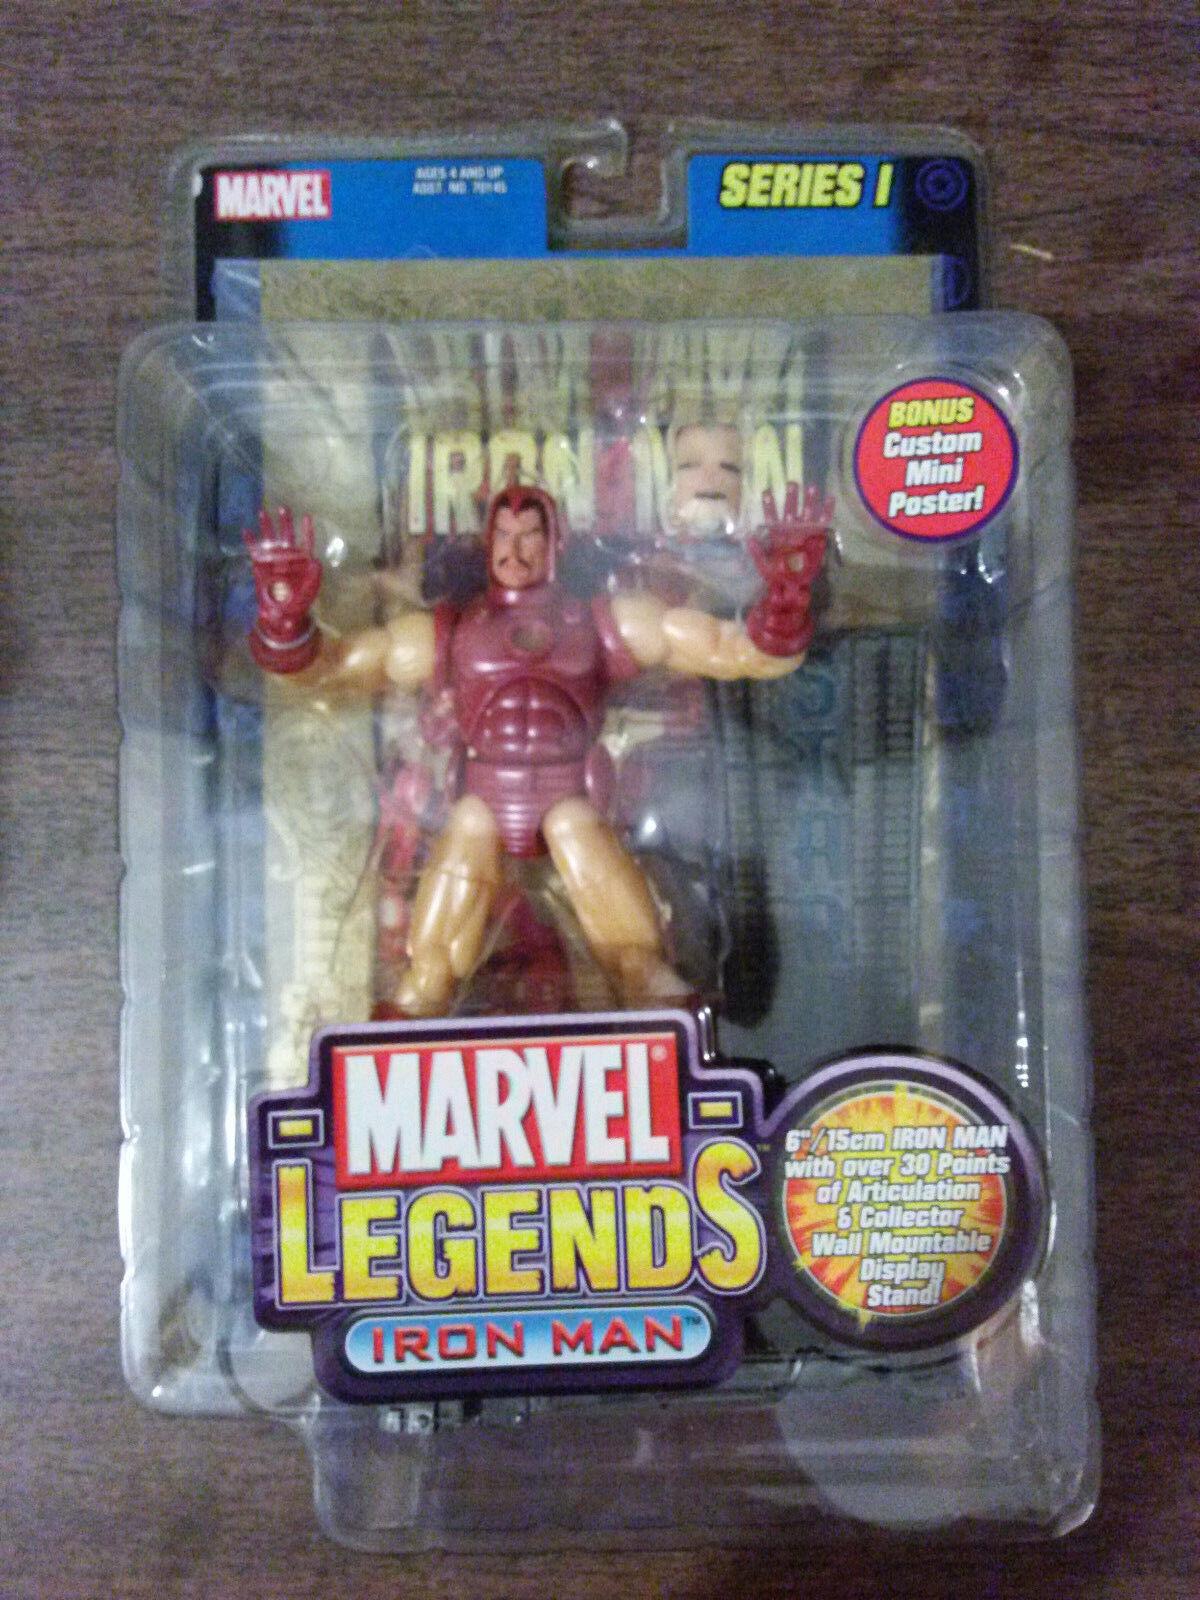 Marvel - legenden  iron man abbildung blattGold poster toybiz neue